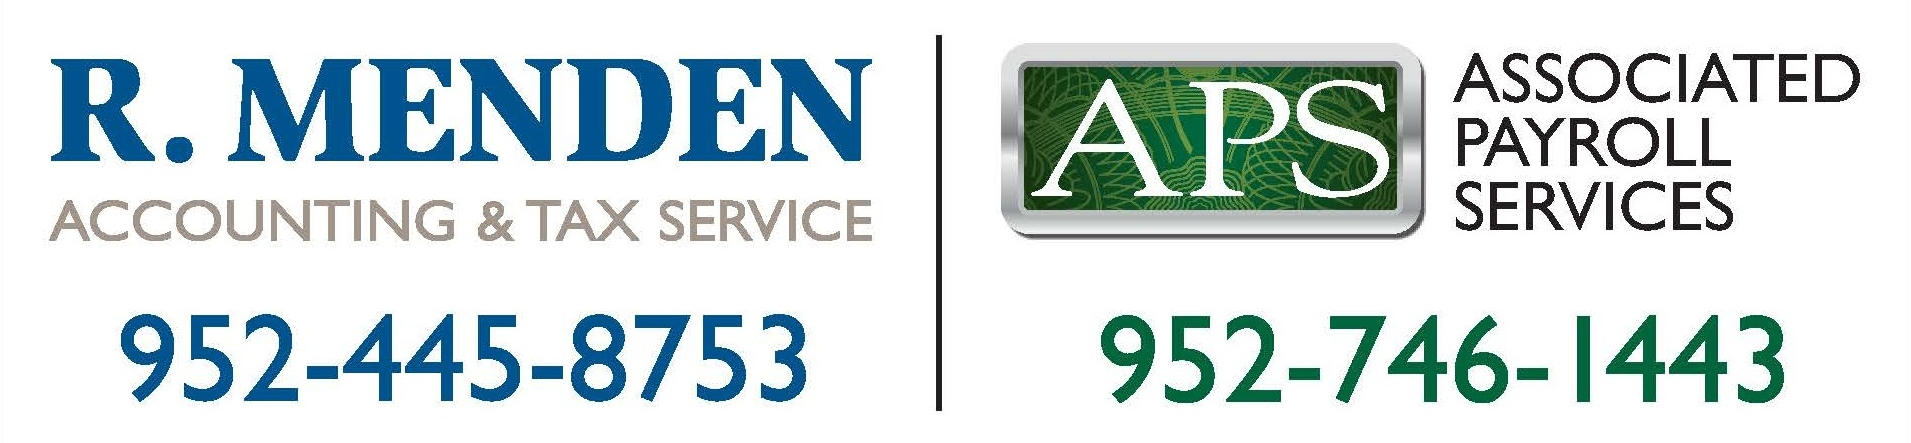 Menden & Associ. Payroll.jpg